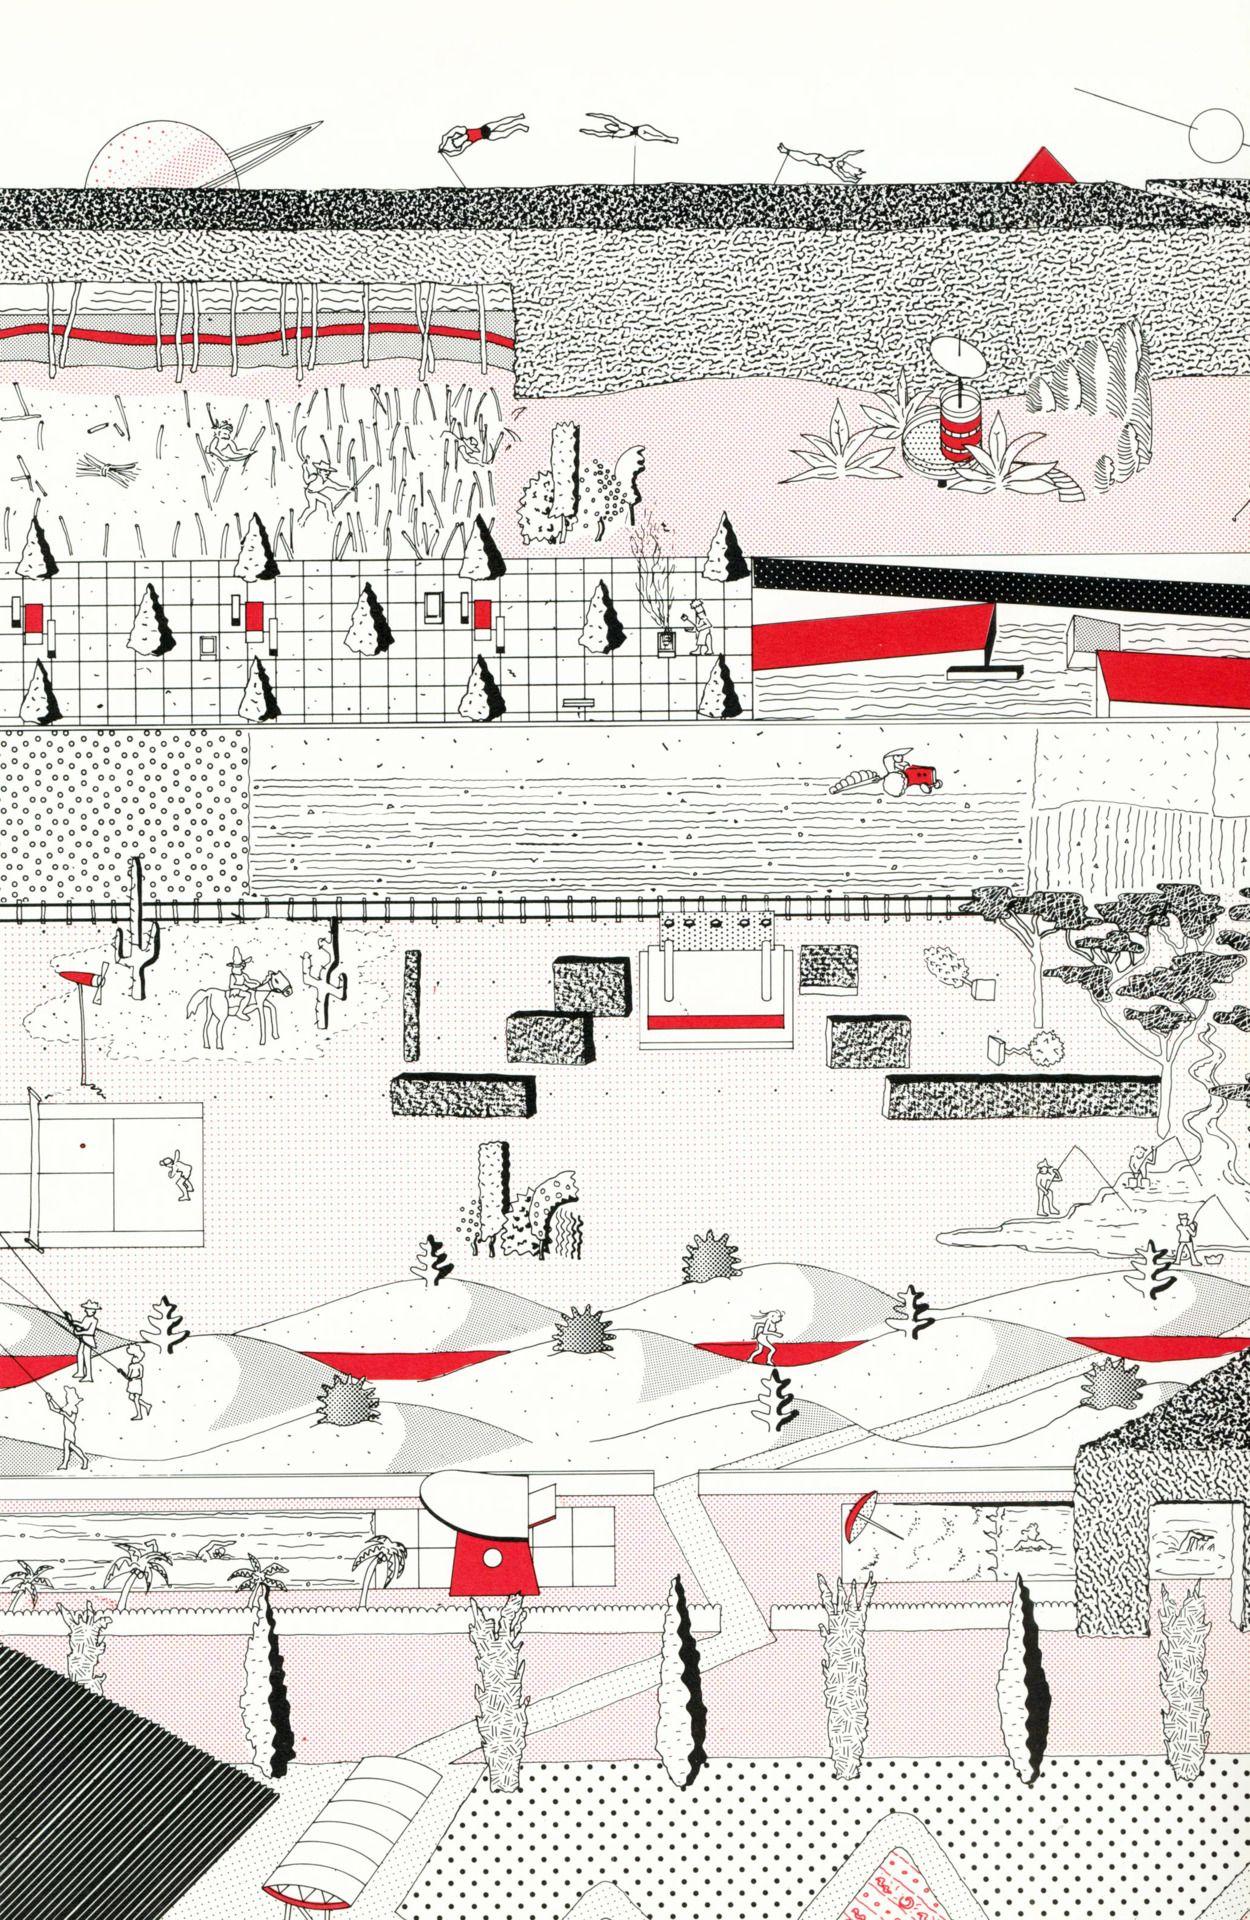 oma parc de la villette diagram triumph spitfire fuse box wiring archiveofaffinities rem koolhaas